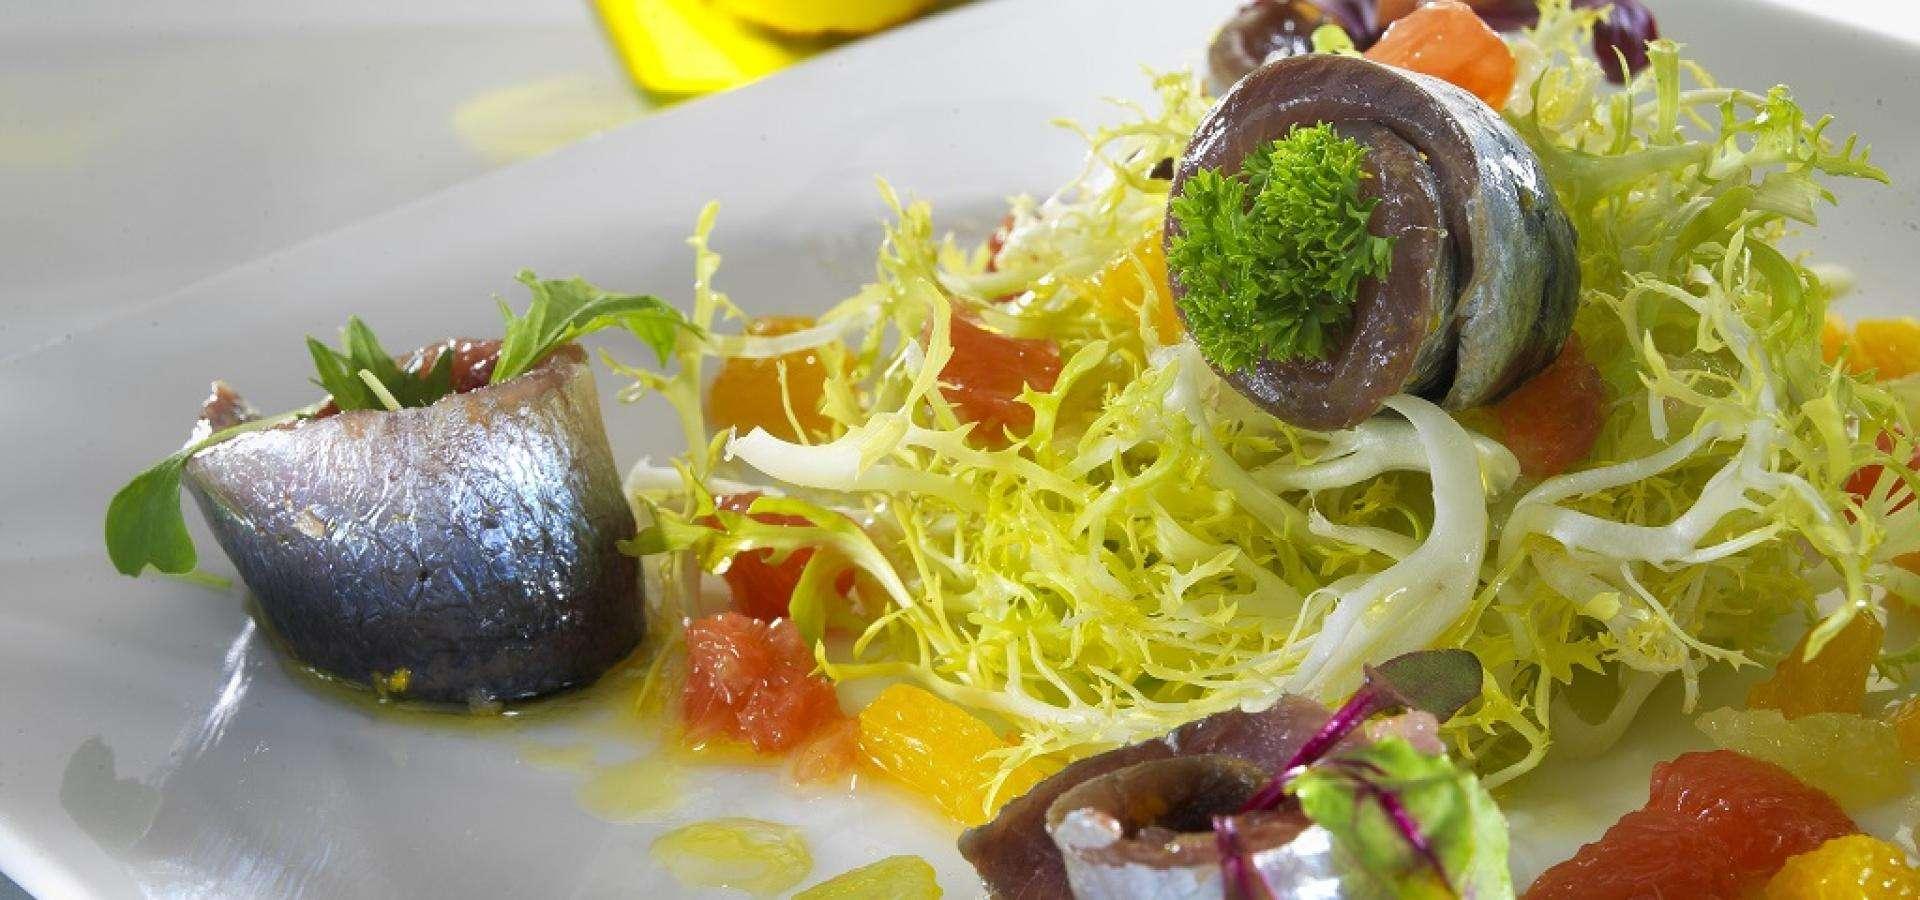 Receta de ensalada de sardinas con cítricos y aceite de oliva